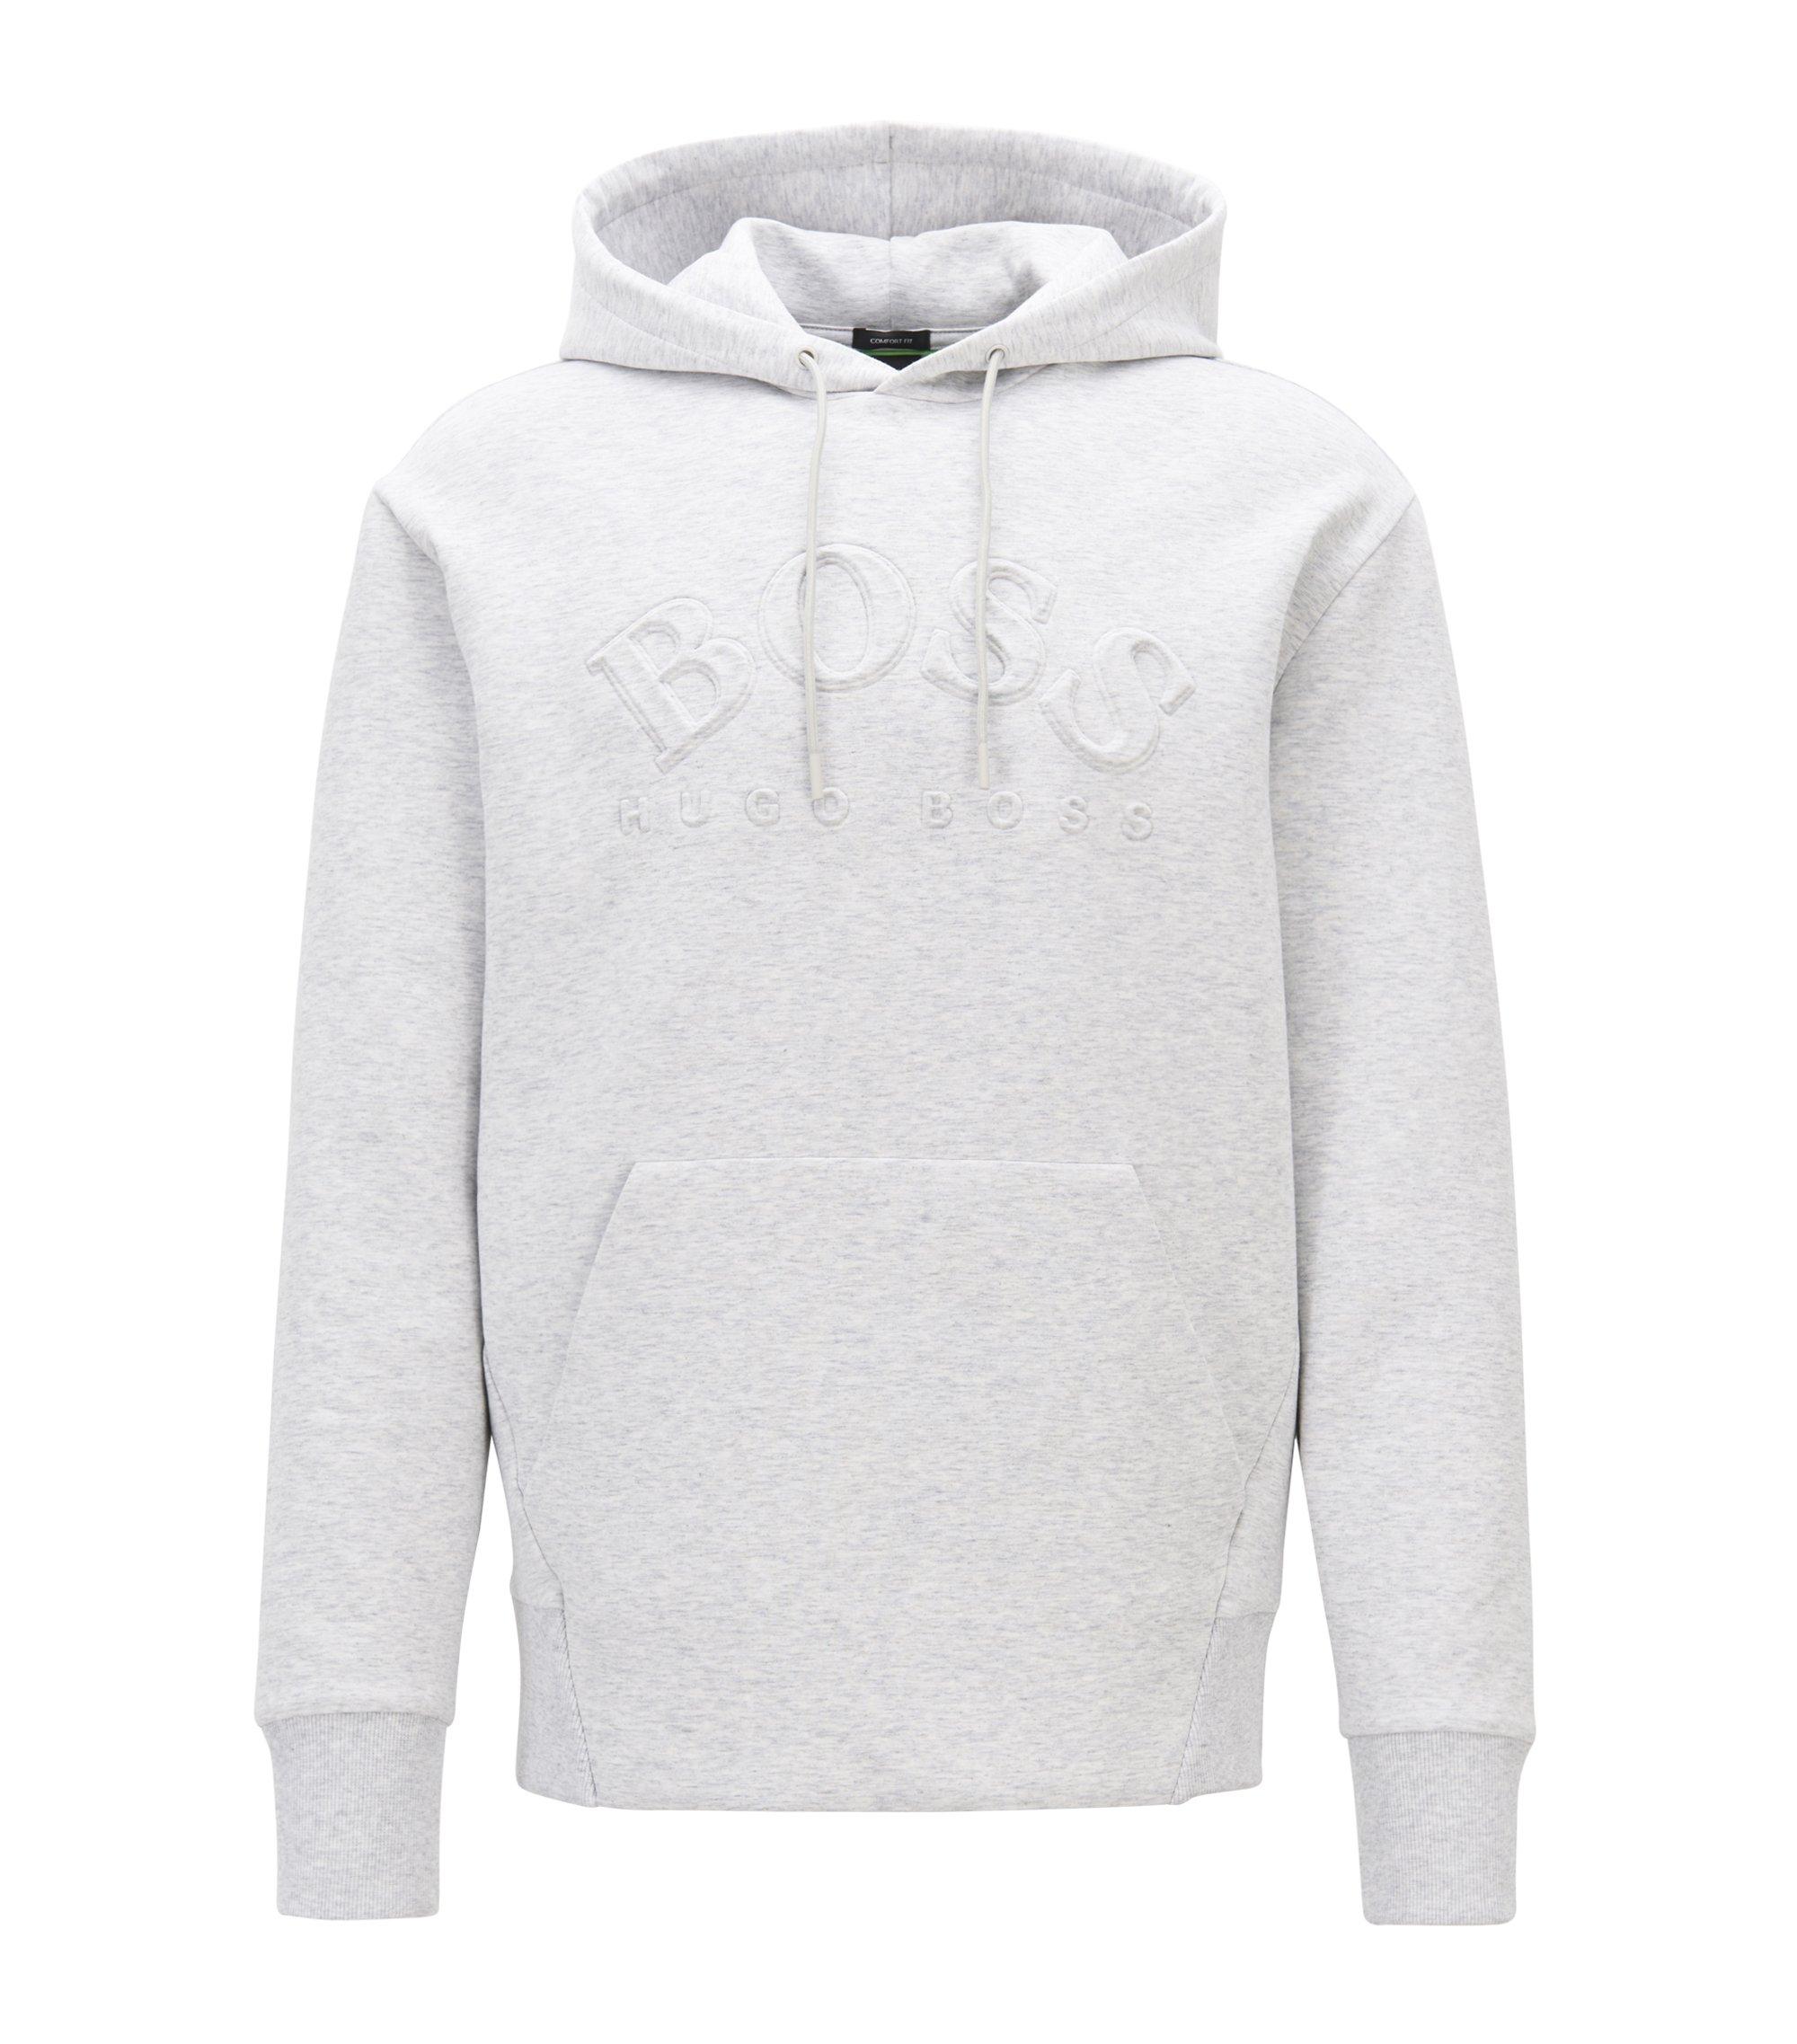 Kapuzen-Sweatshirt aus elastischem Baumwoll-Mix mit Logo-Prägung, Hellgrau